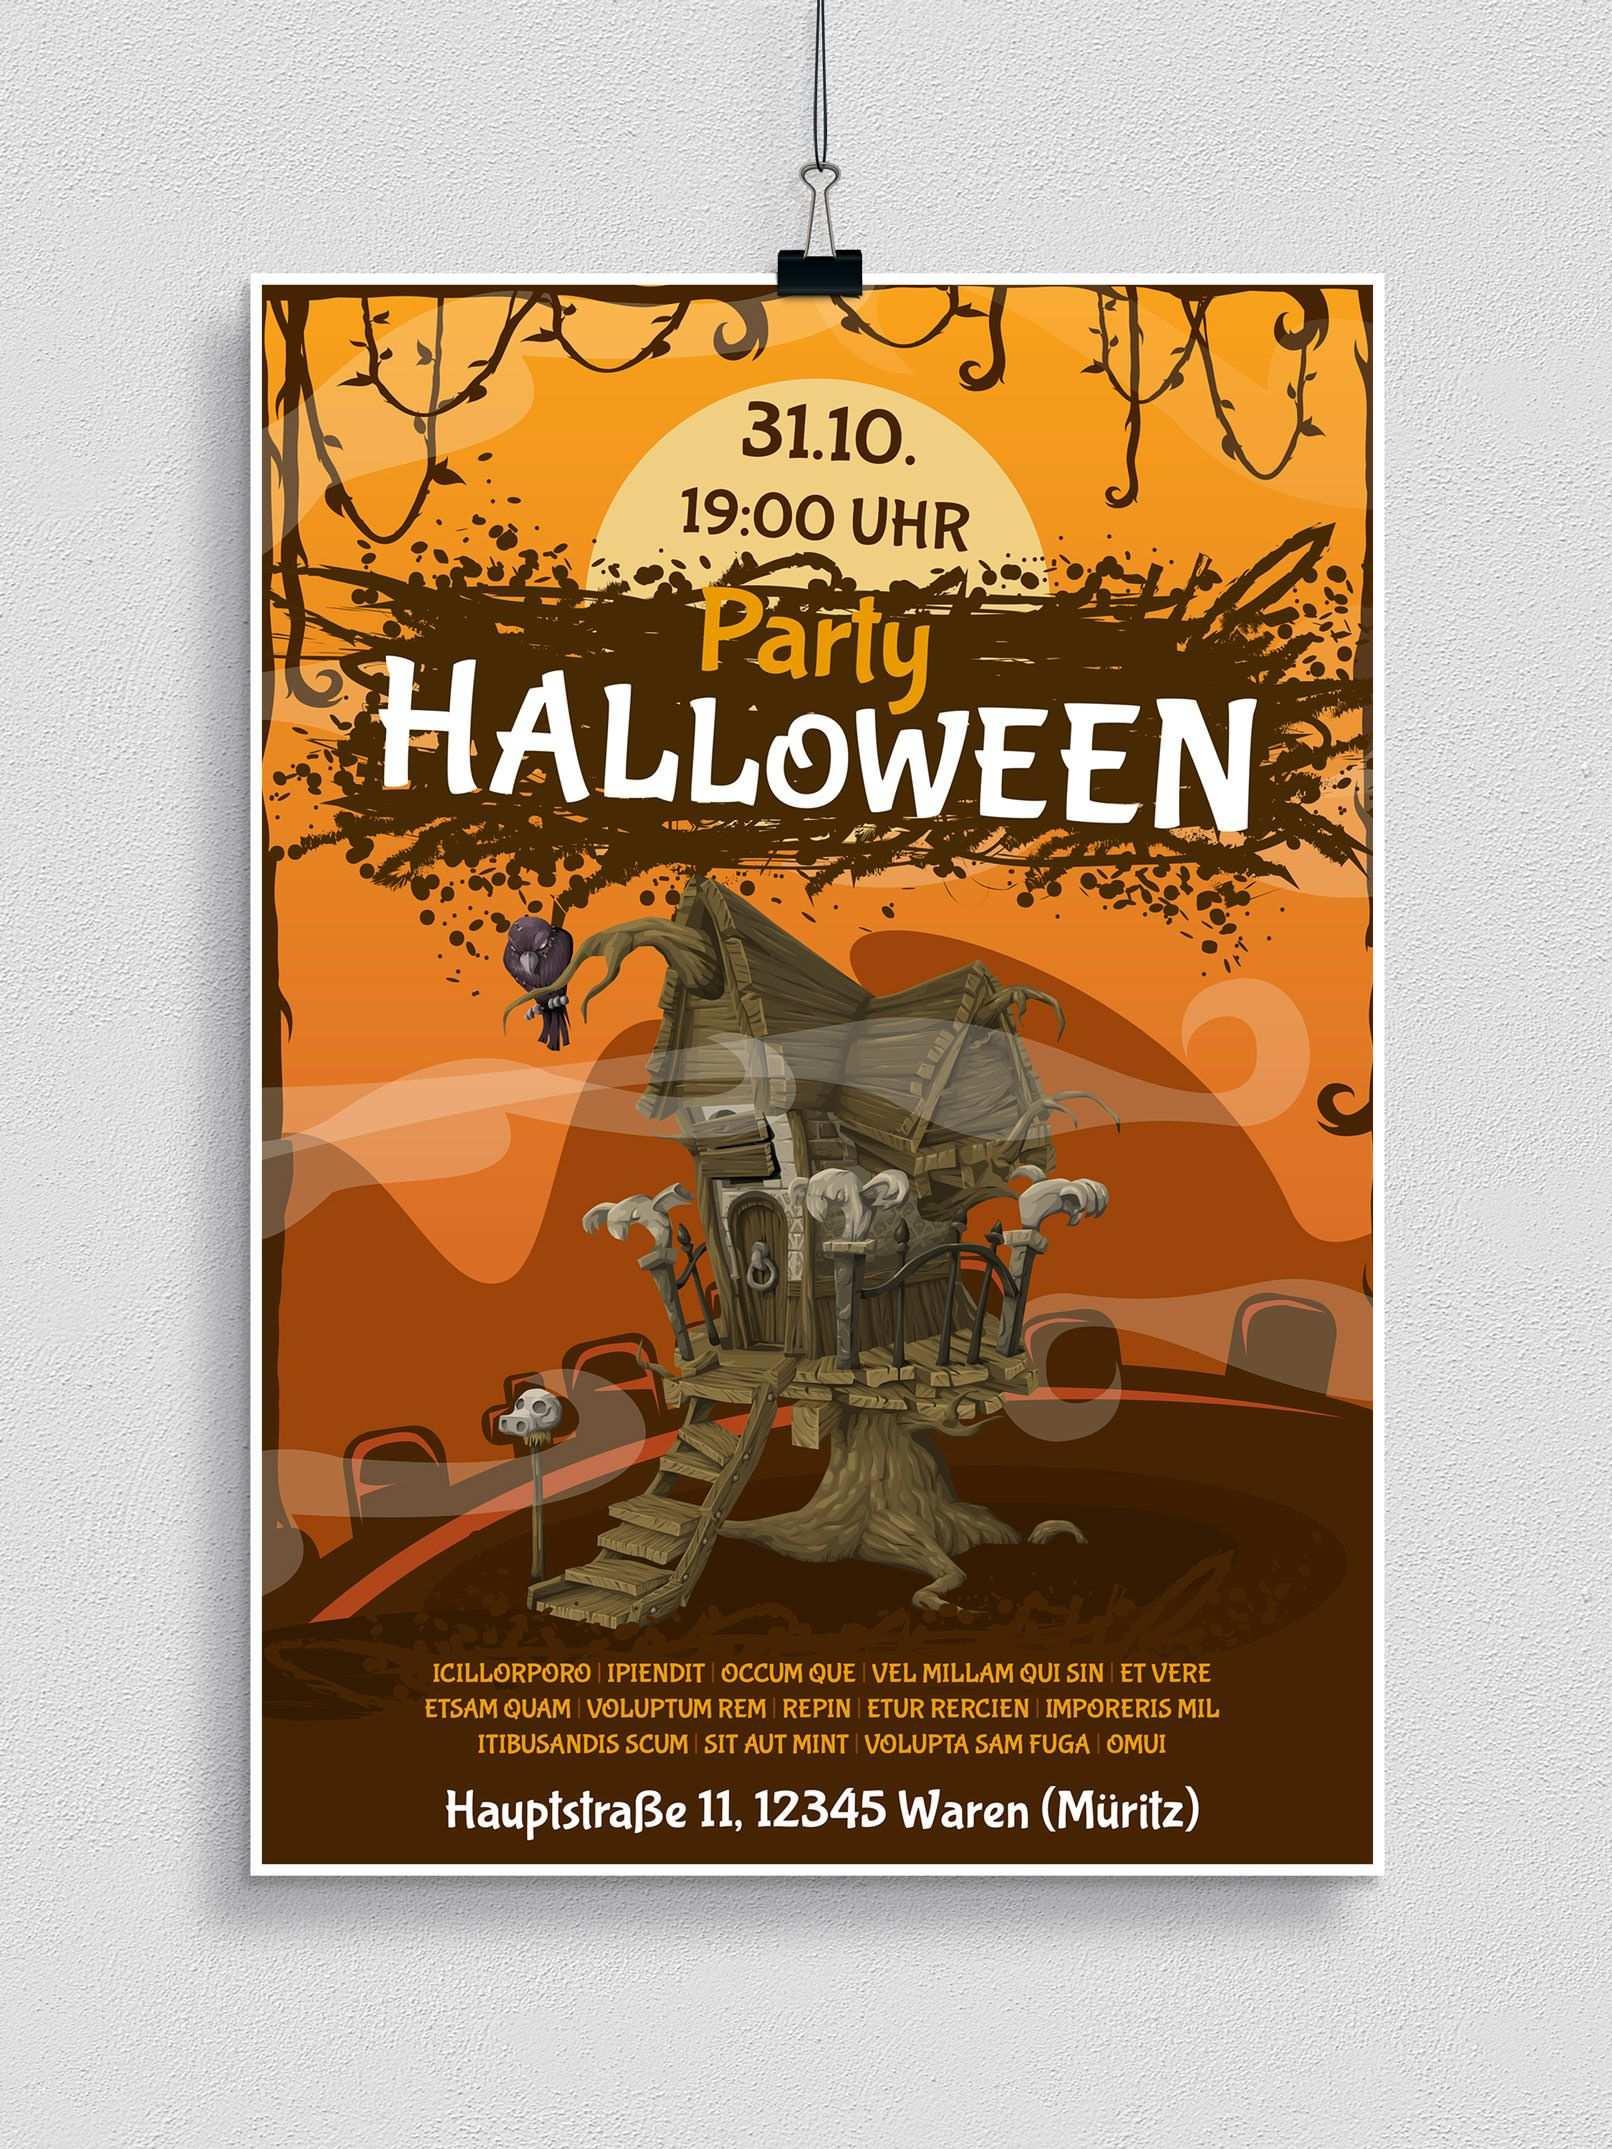 Halloween Vorlagen Fur Plakat Flyer Einladung Herunterladen Halloween Einladung Flyer Halloween